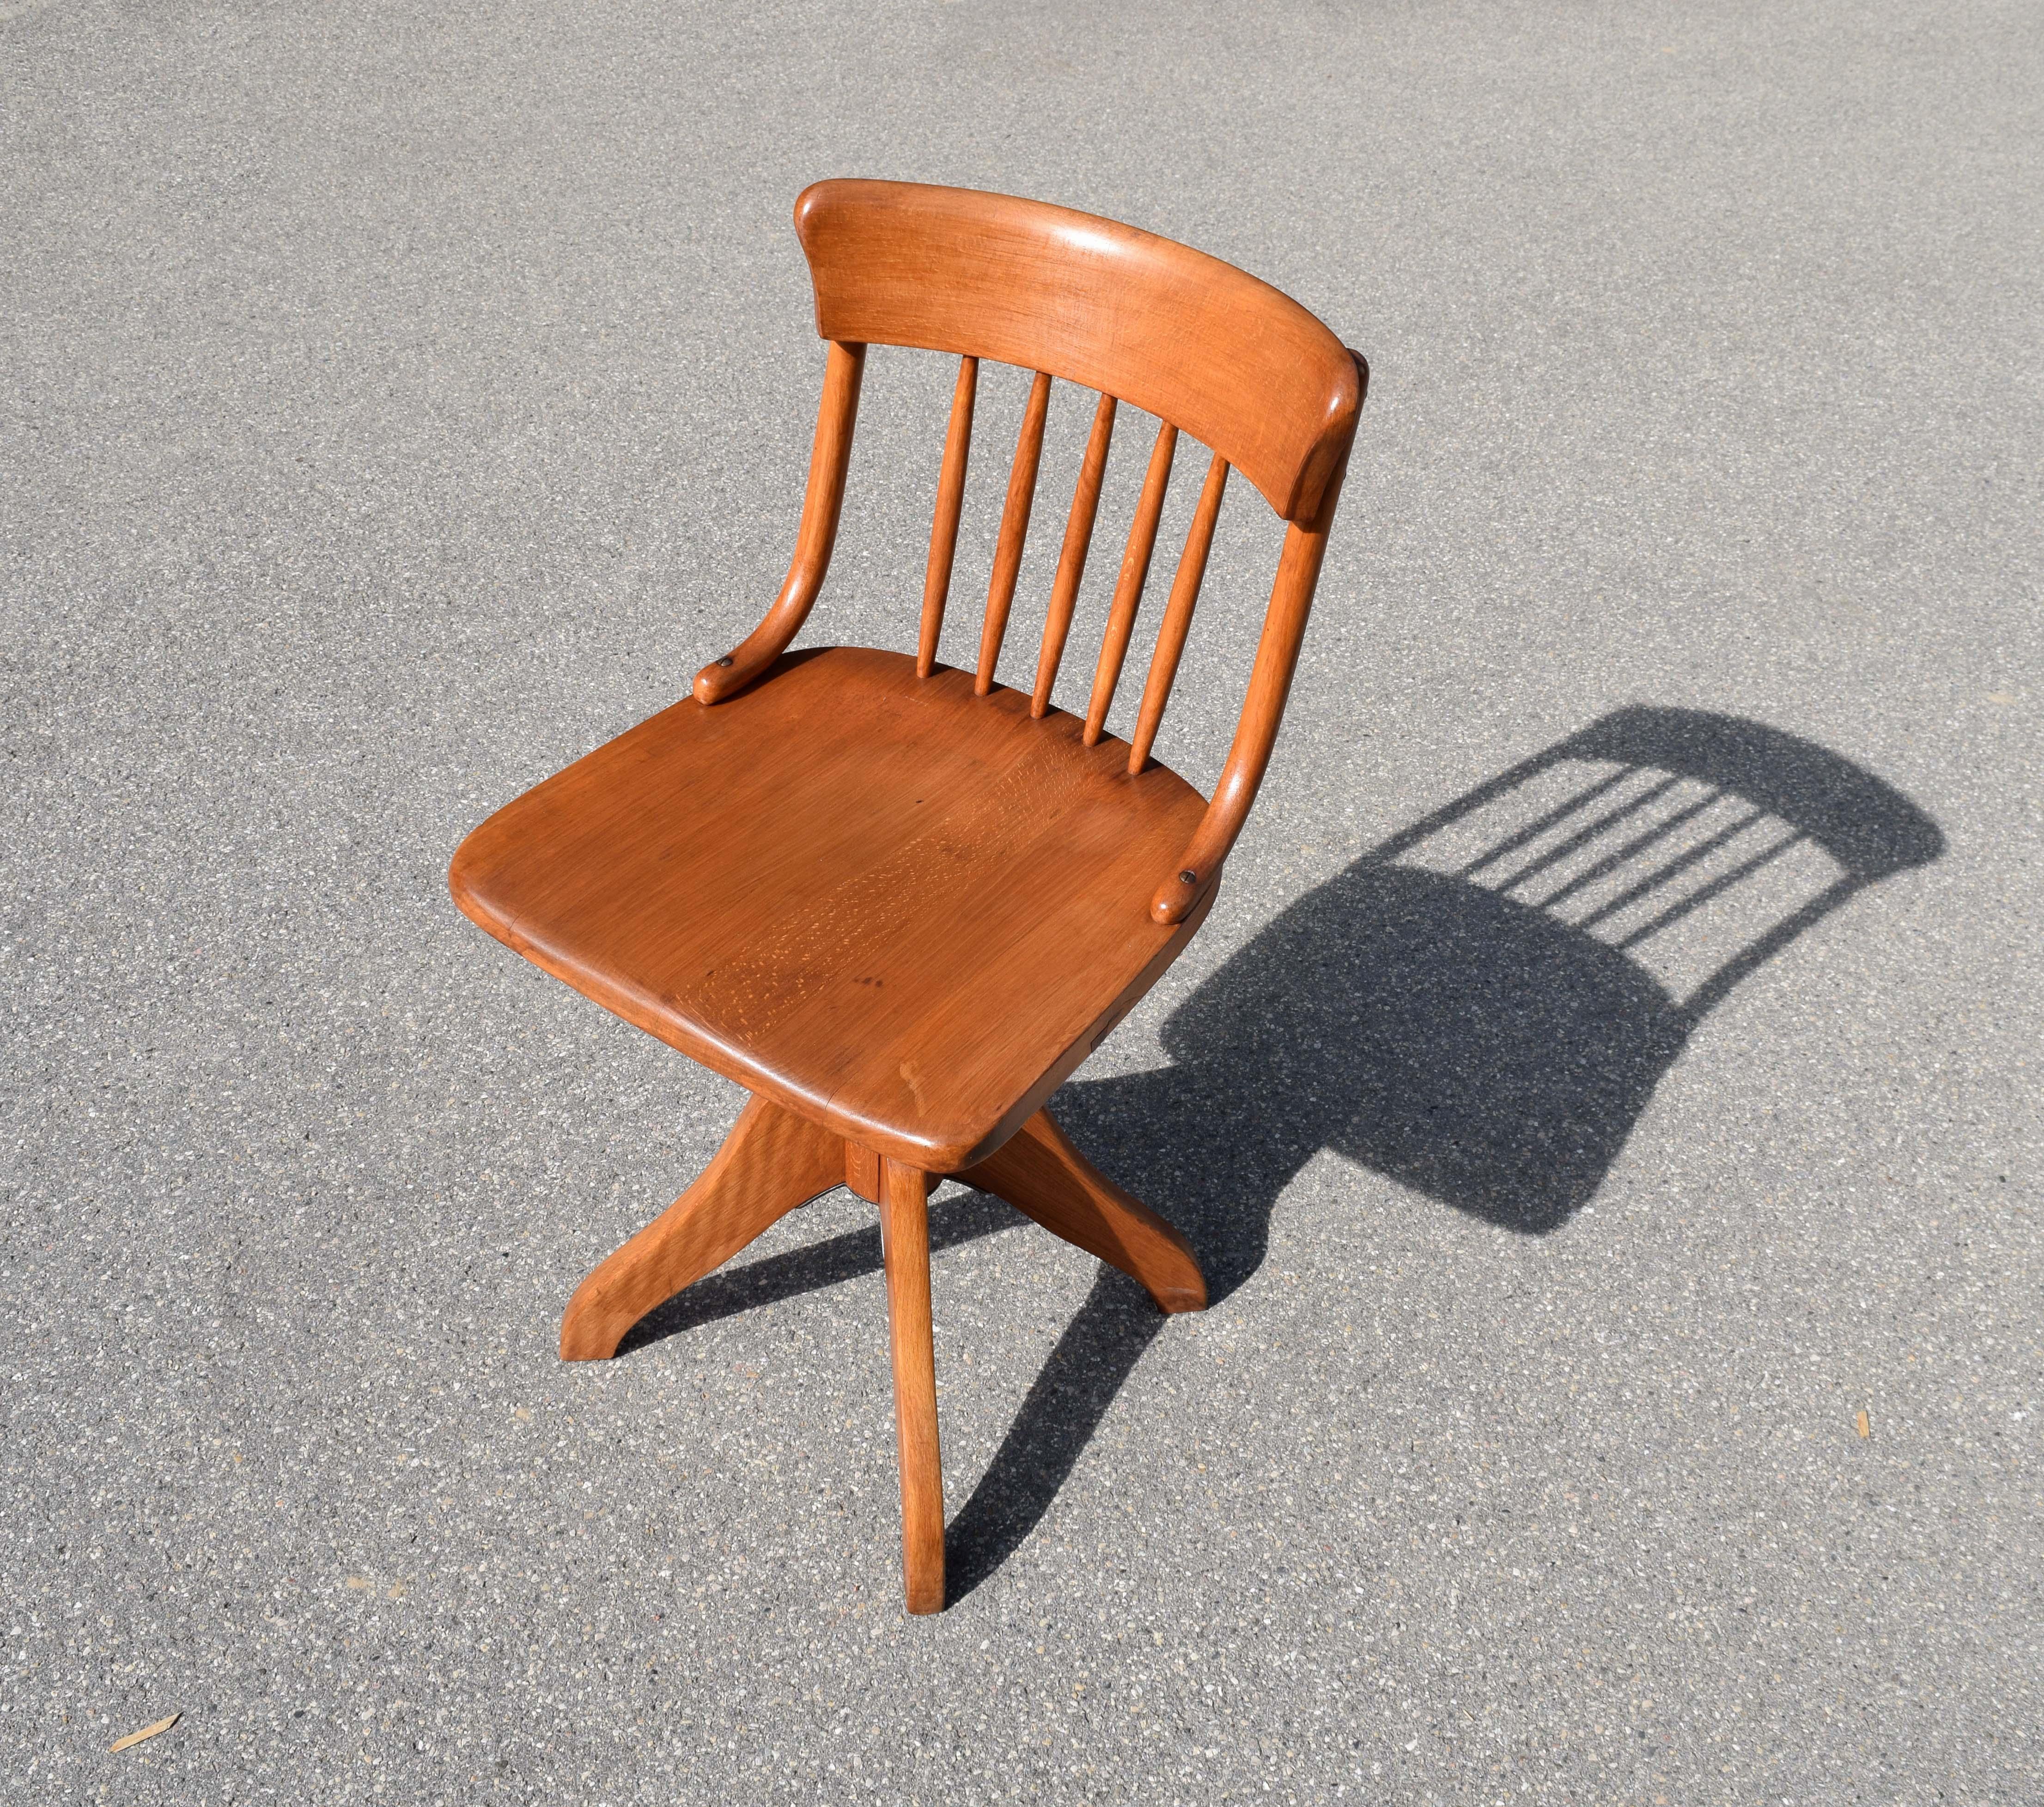 À Mobilier AncienChaises meubles Industriel TiroirsCaisseettes oedxBC